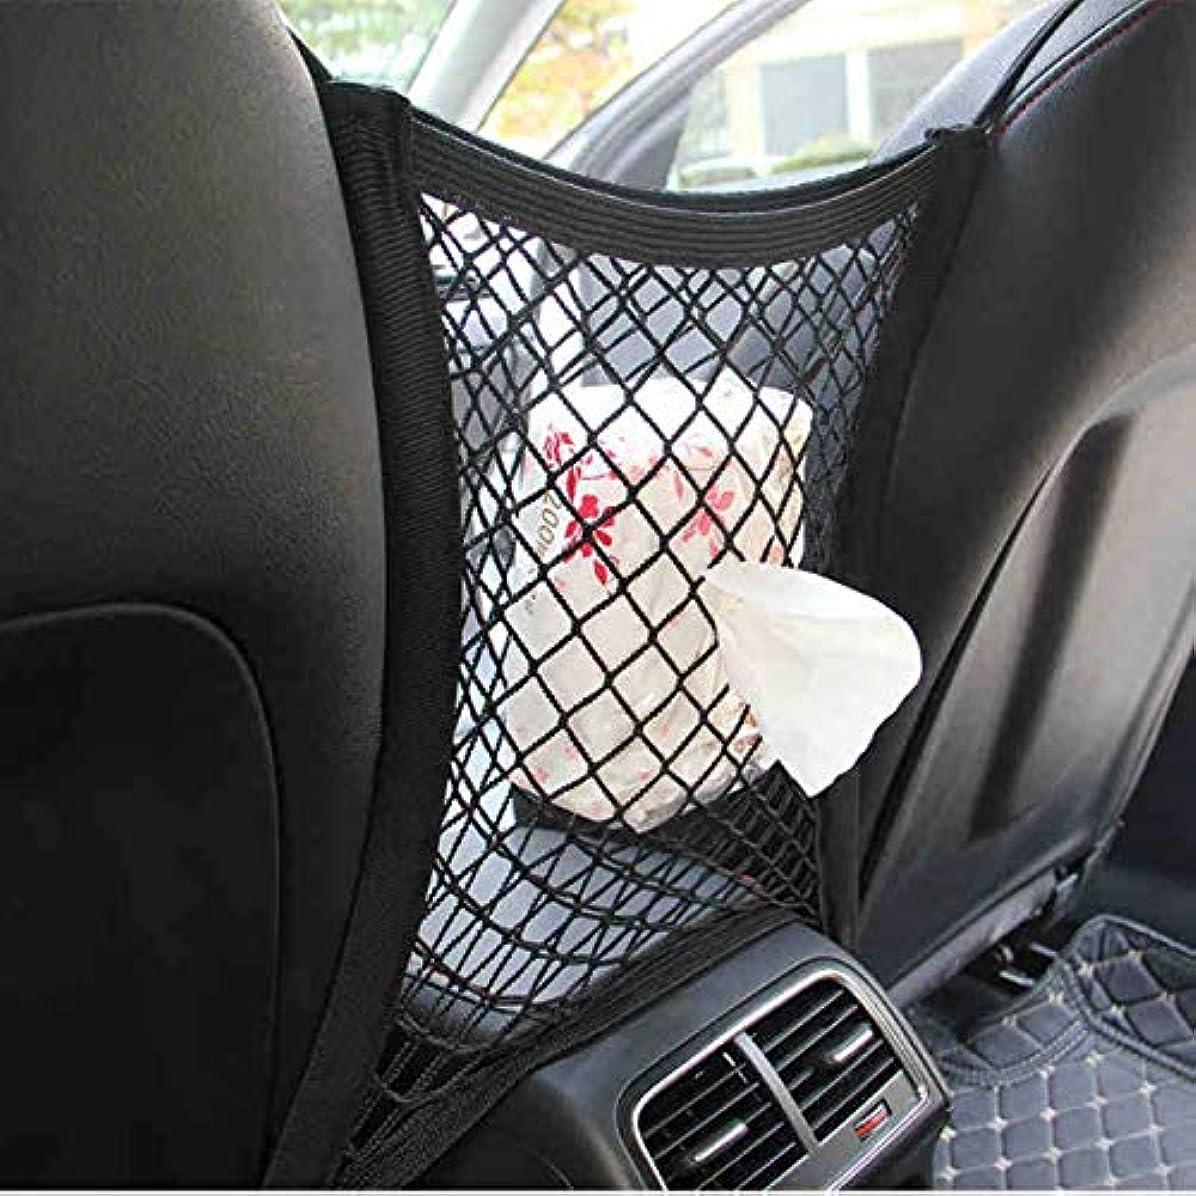 卑しい忘れられない反逆車Tidyの貨物リアトランクシート収納オーガナイザーポケット伸縮性メッシュネット袋